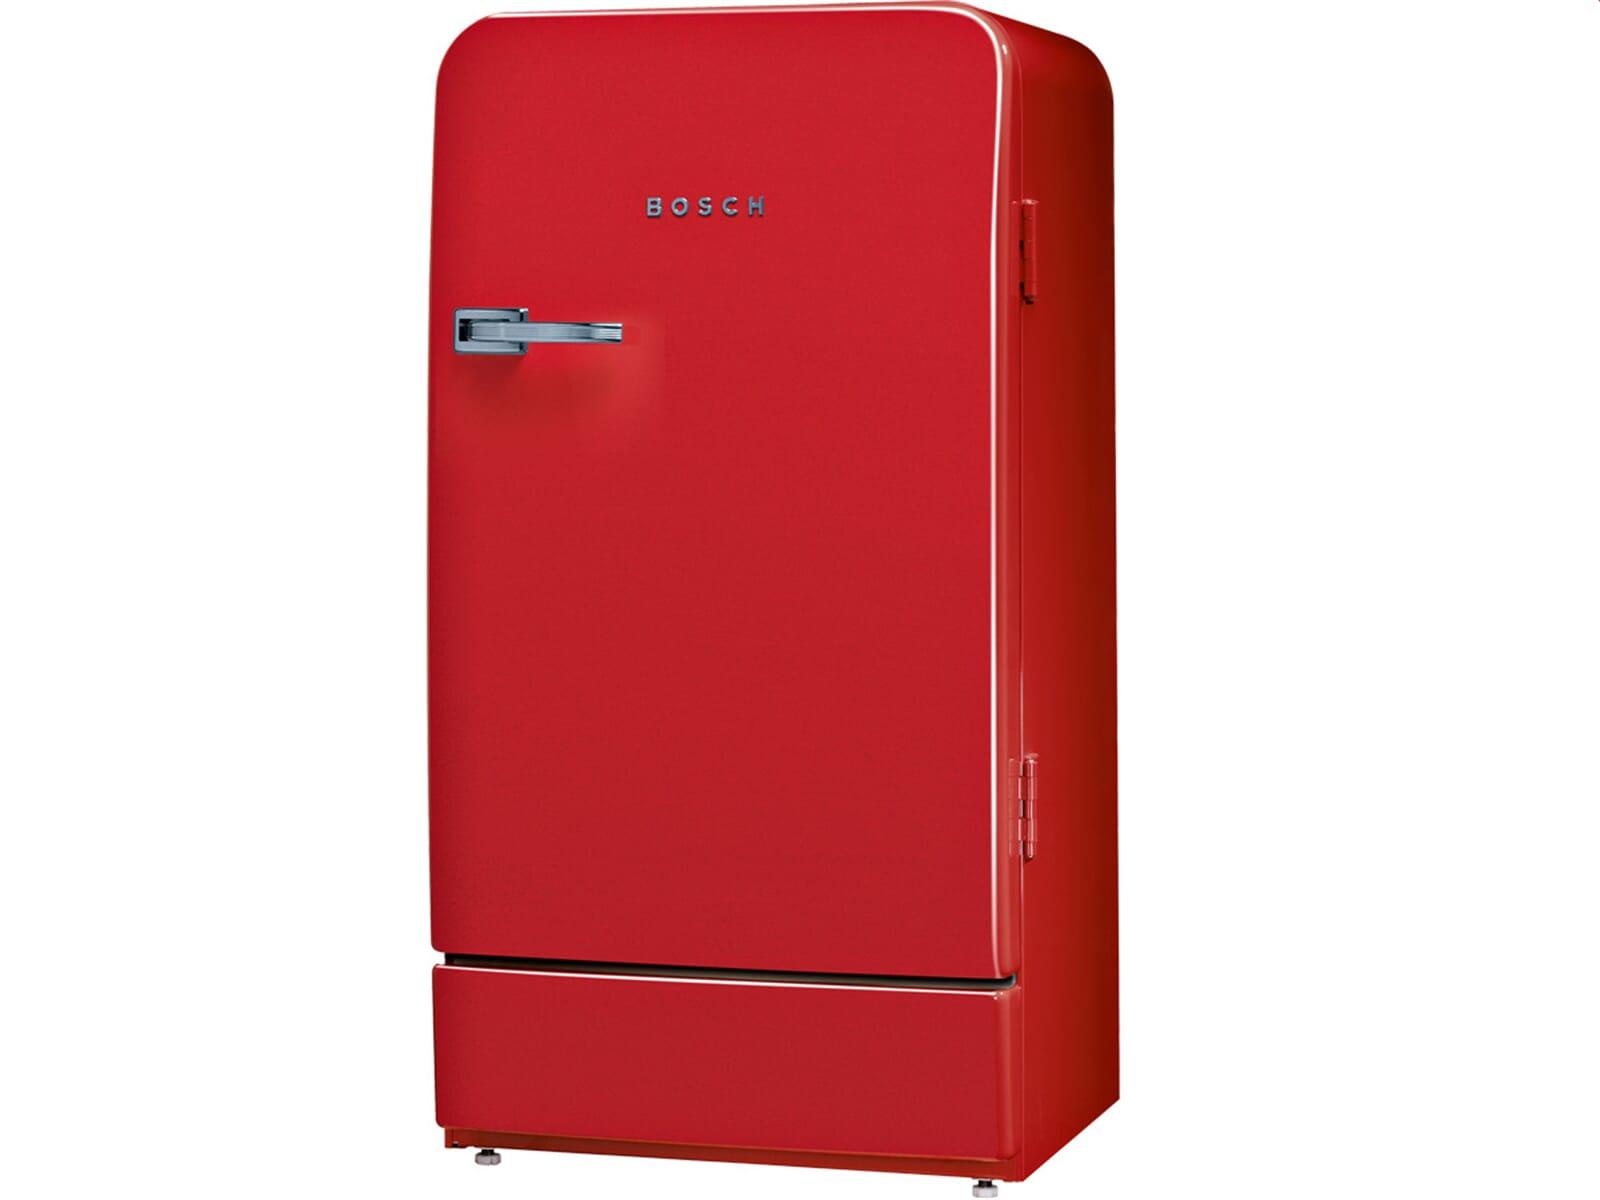 Bosch Kühlschrank Biofresh : Bosch ksl ar standkühlschrank rot